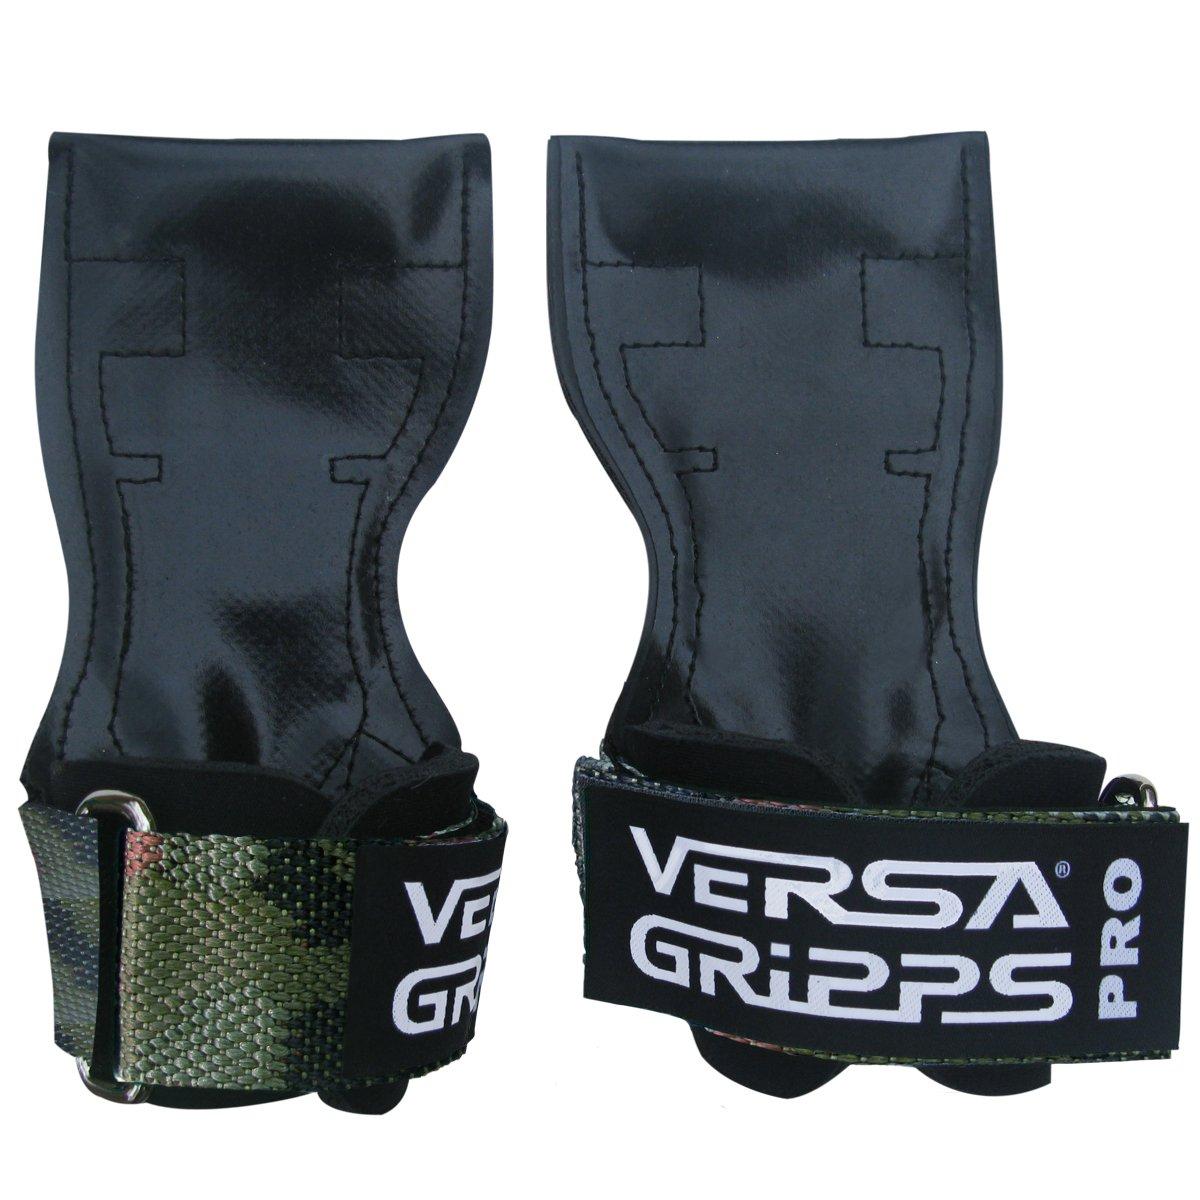 【激安大特価!】  Versa Gripps Gripps プロオセンティック世界で最も優れたトレーニングアクセサリーの一つアメリカ製。 B000VWDER8 Camoflage Versa Small Small Small|Camoflage, JOYPOWER:945d0dbf --- arianechie.dominiotemporario.com